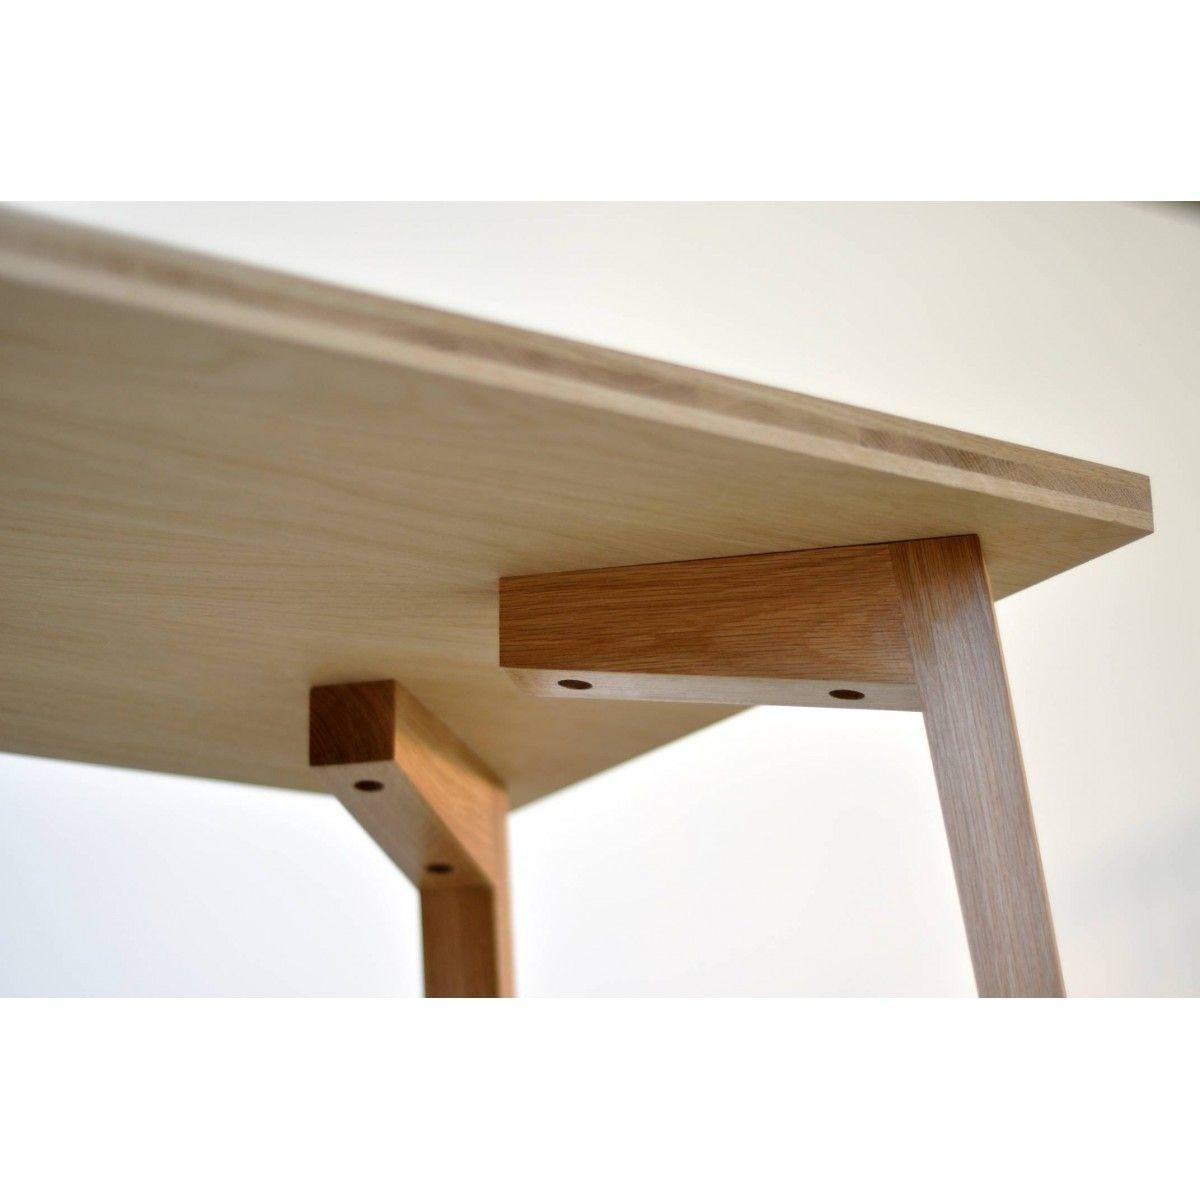 Pied De Table Classic Pied Table Bois Pieds De Table Table Bois